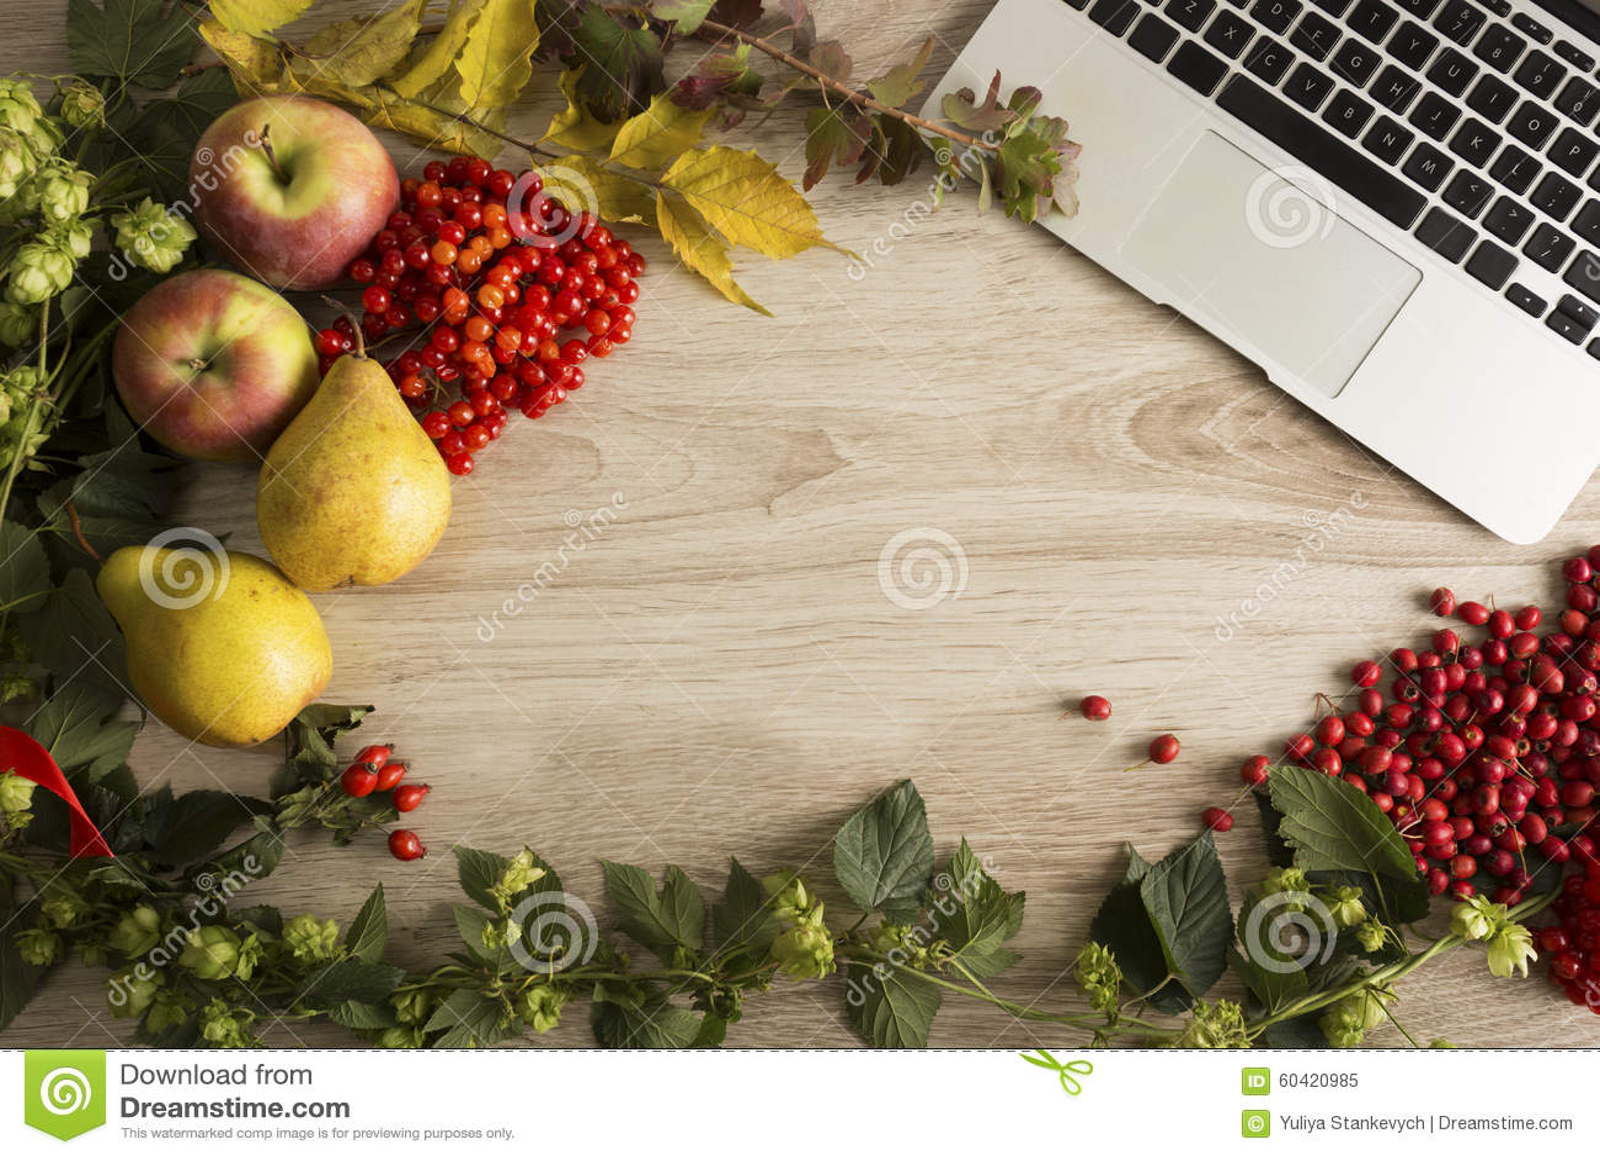 秋天背景特写镜头上色常春藤叶子橙红